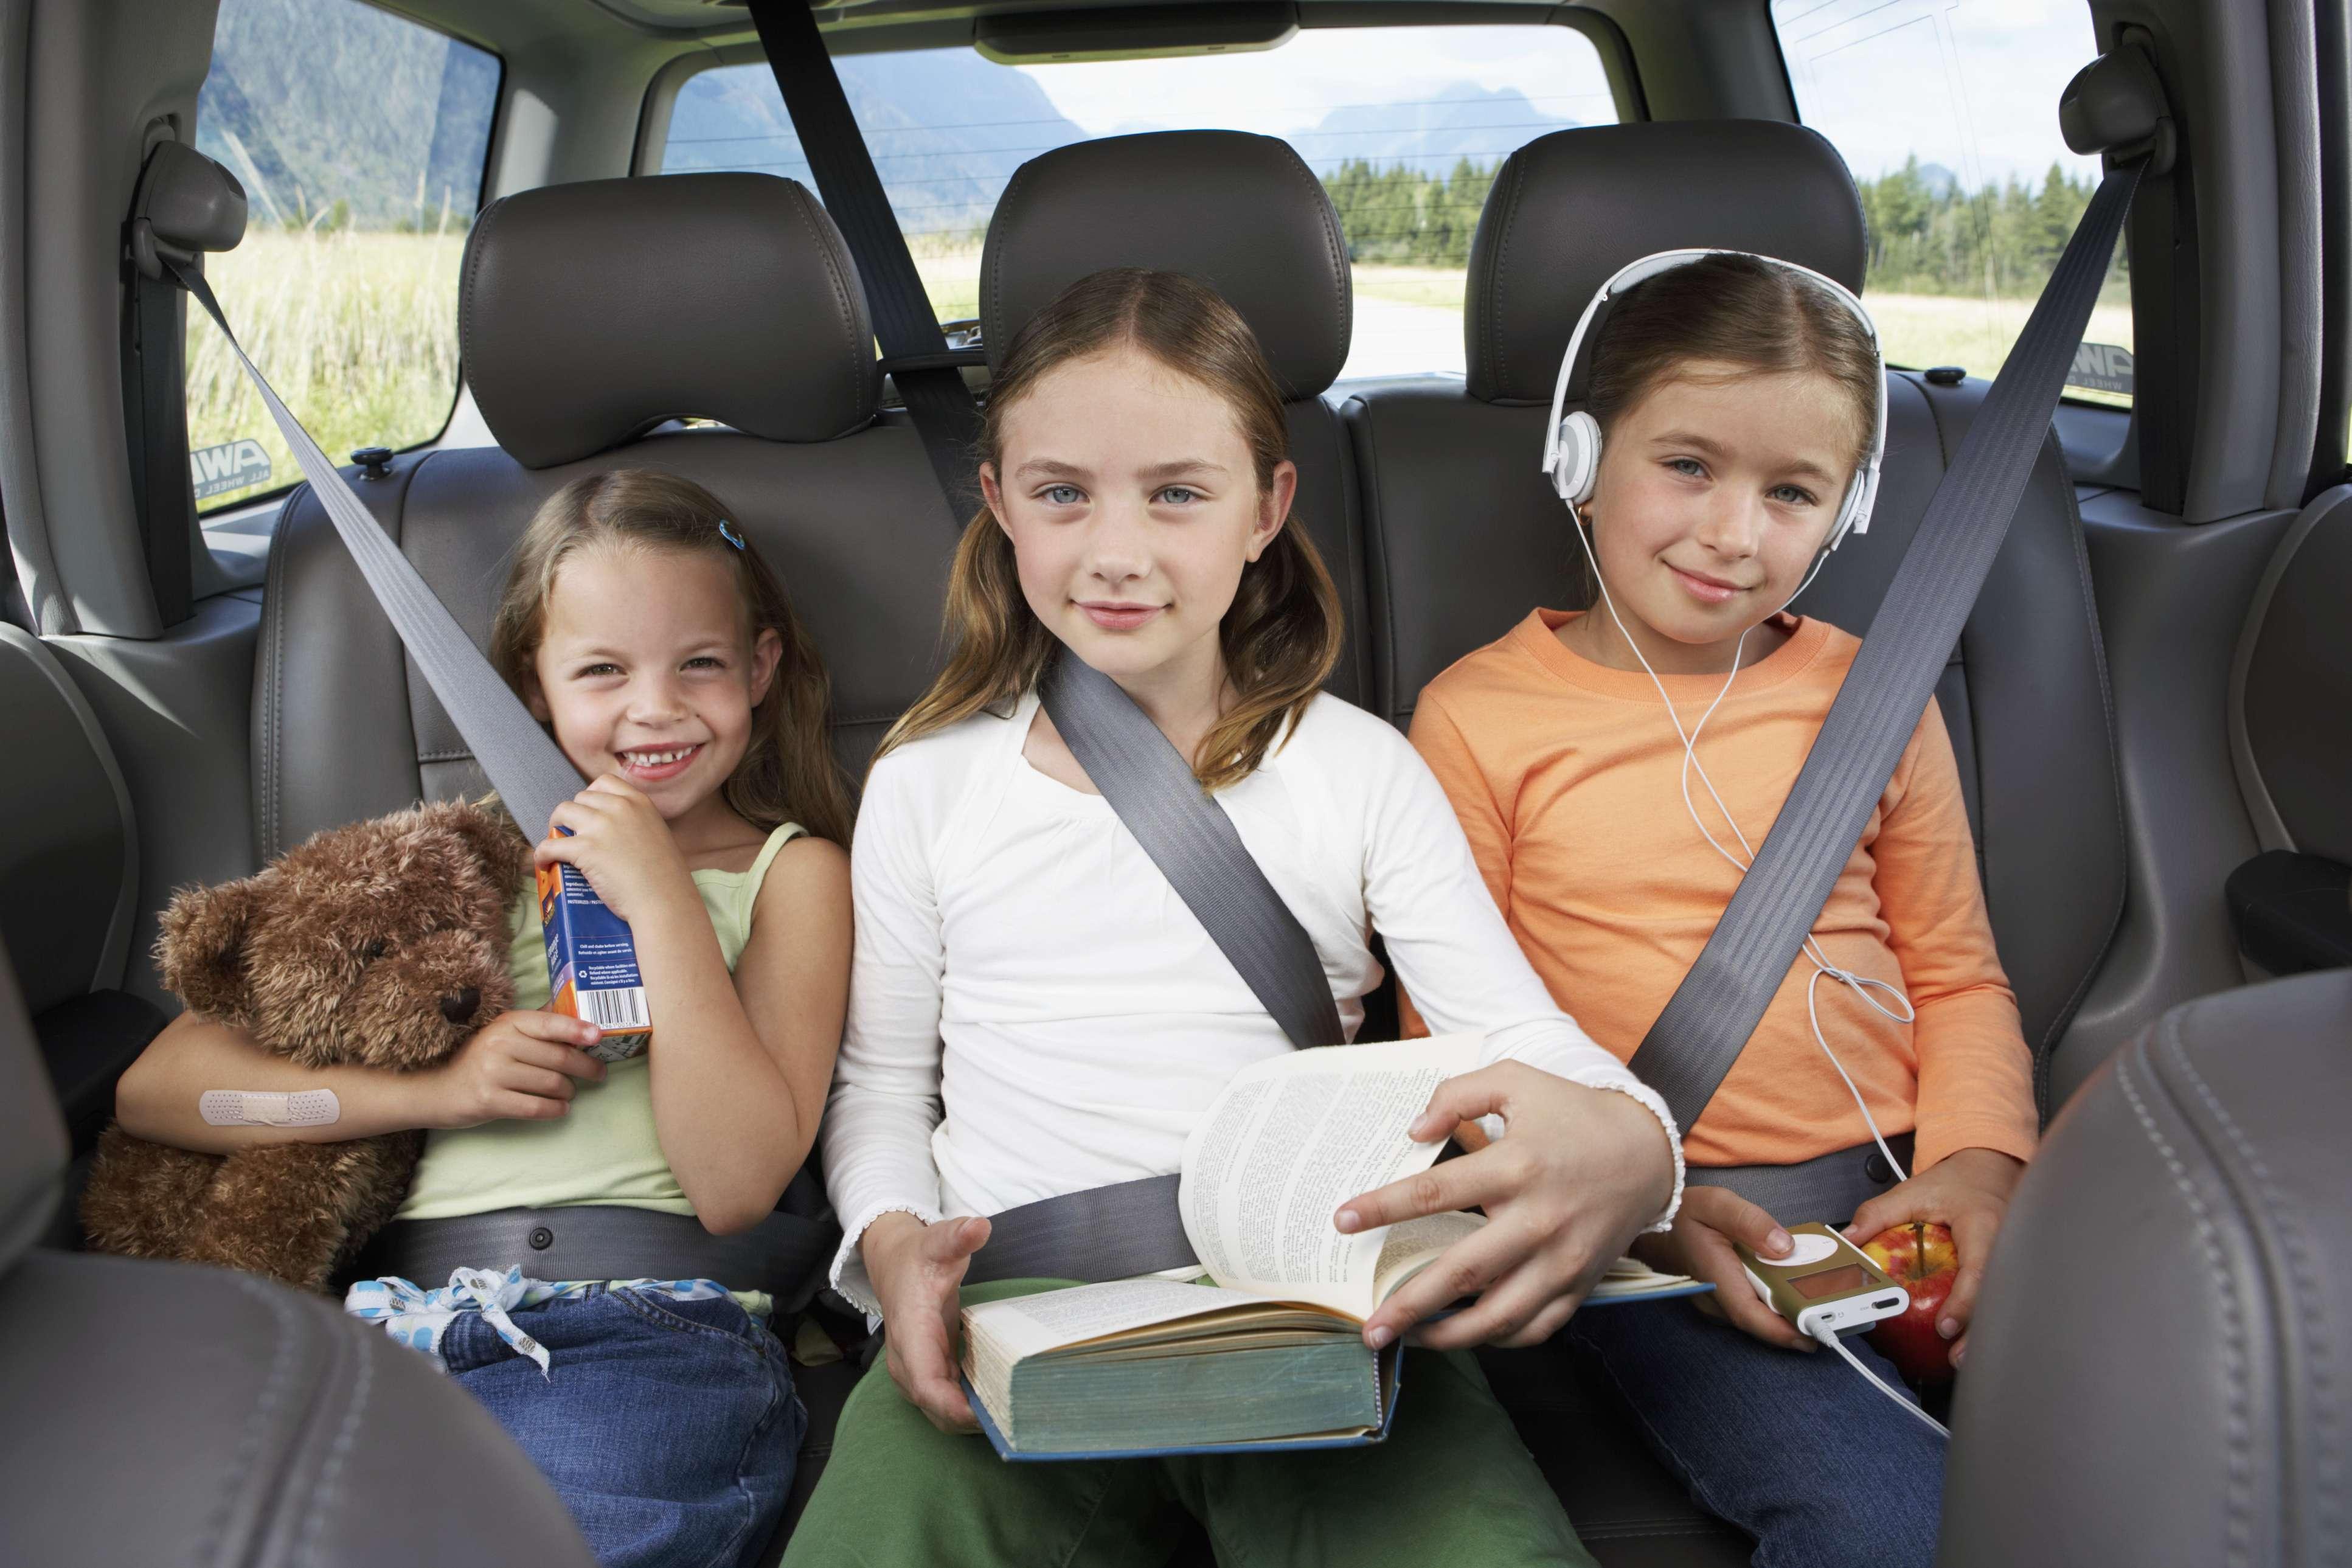 """Menores a bordo: Los fisioterapeutas recomiendan instalar en el asiento trasero central del coche (el más seguro) un sistema de sujeción específico para el niño, adaptado a su peso y edad. """"Si se viaja sólo con el menor, y se decide instalar la silla o las sujeciones en el asiento delantero del copiloto, es muy importante desactivar el airbag delantero para evitar el riesgo de asfixia del menor si éste se activa, y eliminar holguras en el arnés y la sillita"""". Por su parte """"los menores de 4 años deben viajar sentados en sentido contrario a la marcha, para evitar movimientos bruscos del cuello y el tórax en caso de choque frontal, y los mayores de 4 años, es aconsejable que utilicen un cojín elevador con cinturón de tres puntos, situando su banda inferior sobre los huesos superiores de la pelvis, y nunca sobre las zonas blandas del abdomen"""", explica Santos. Foto: Getty Images"""